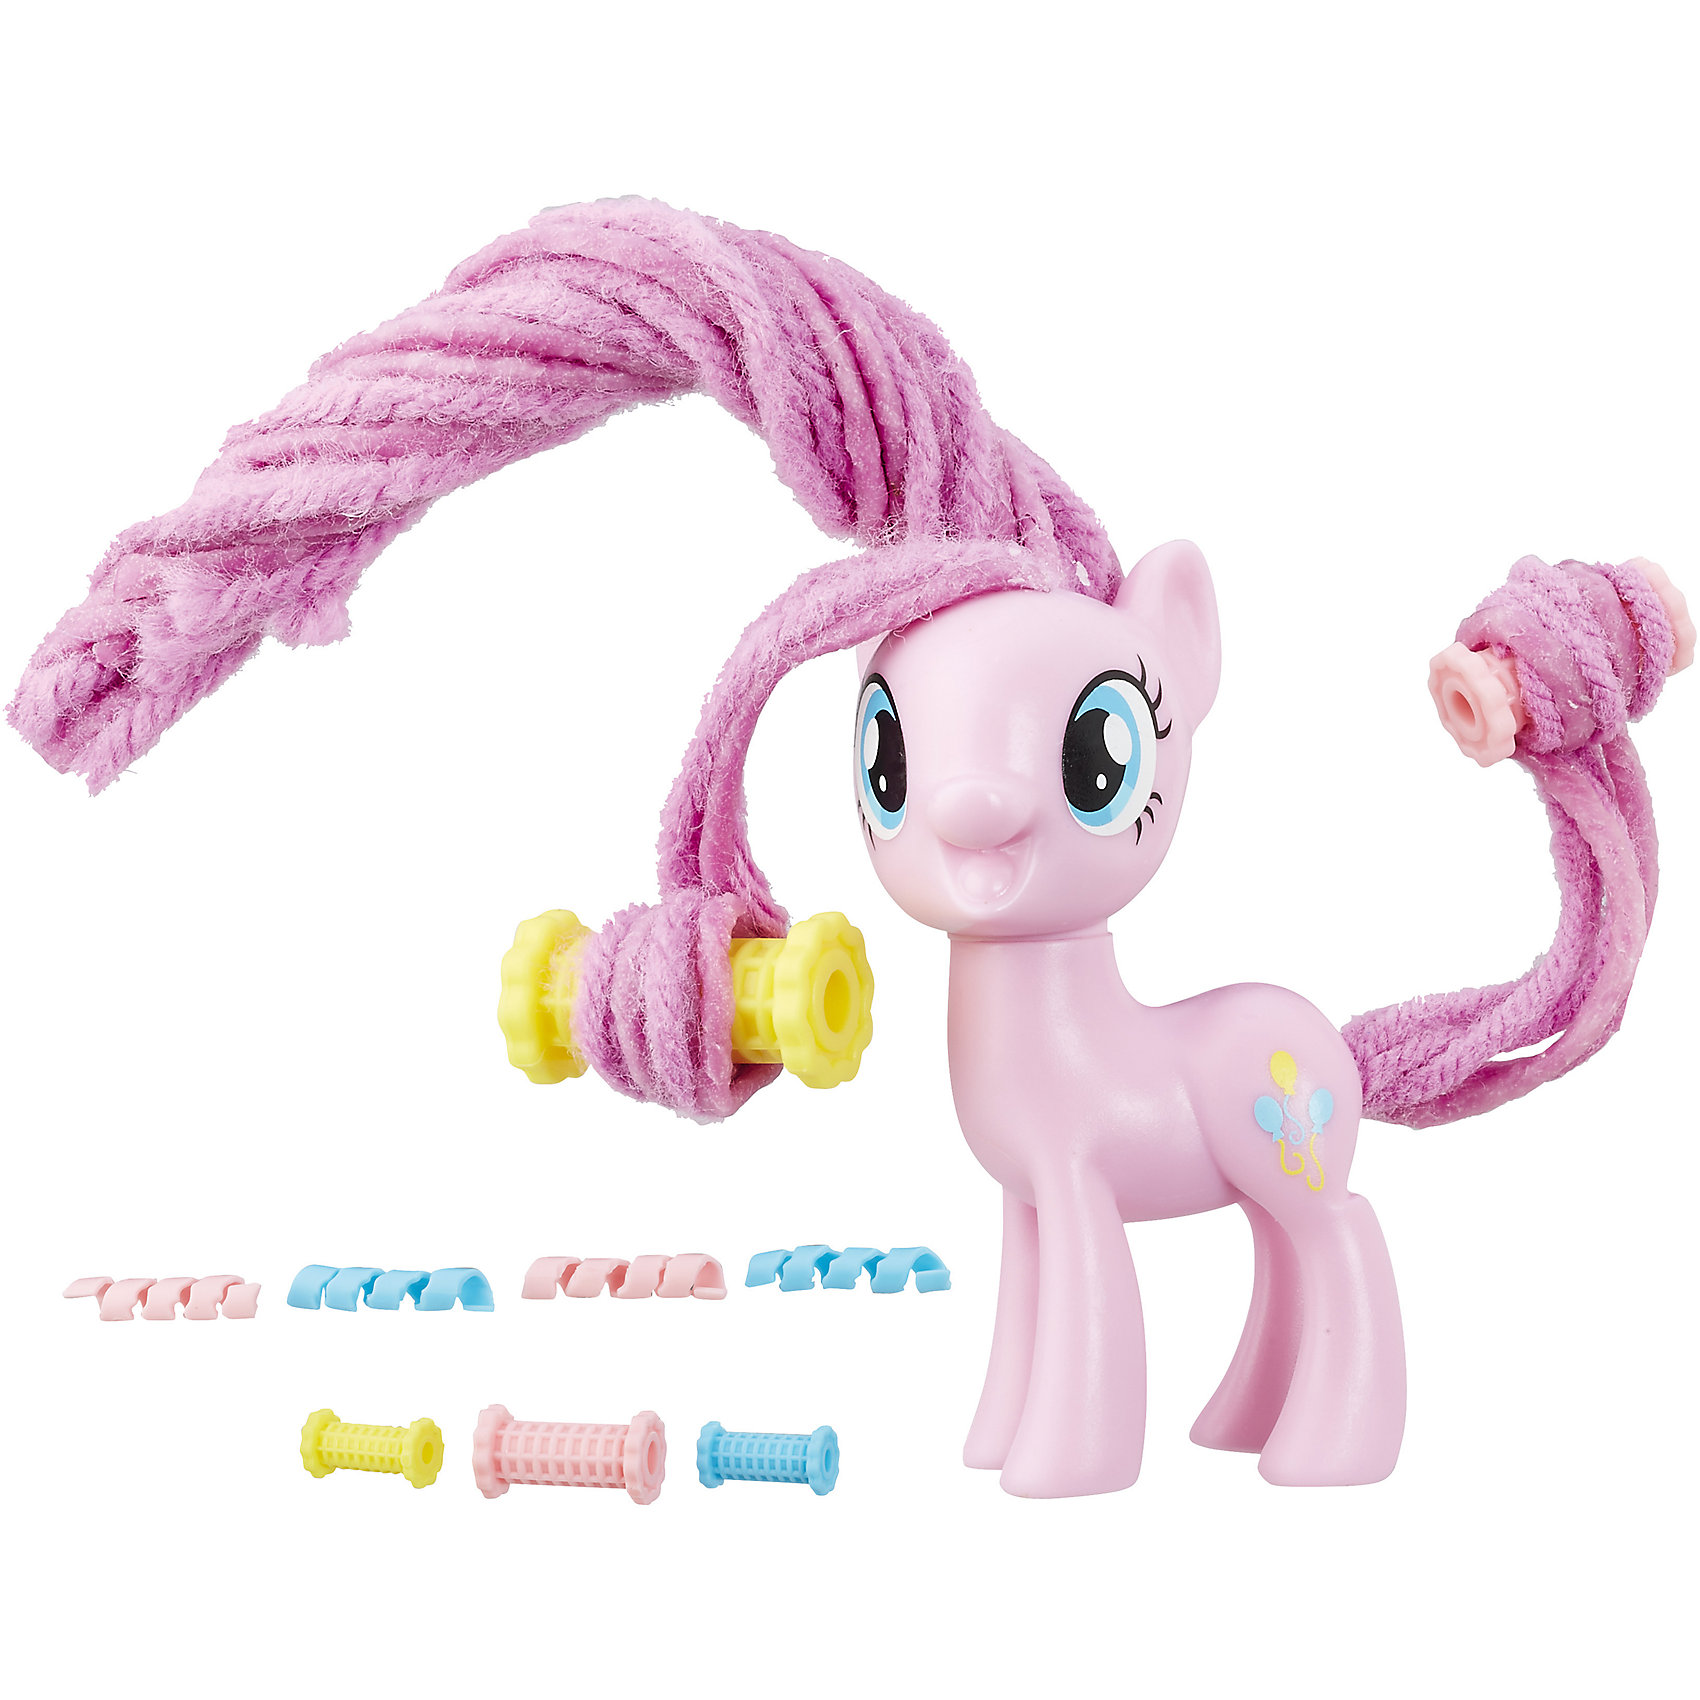 Пони с праздничными прическами, My little Pony, Пинки Пай B8809/B9618Игрушки<br>Характеристики:<br><br>• Вид игр: сюжетно-ролевые, коллекционирование<br>• Пол: для девочек<br>• Коллекция: My little Pony<br>• Материал: пластик<br>• Высота фигурки: 7,5 см<br>• Комплектация: фигурка пони, бигуди, заколки для прически<br>• Гриву и хвост можно завивать и укладывать в разные прически<br>• Голова пони поворачивается в стороны<br>• На фигурке имеется сканируемая метка, которая открывает доступ и дополнительные возможности в бесплатном мобильном приложении My Little Pony Friendship Celebration<br>• Вес в упаковке: 210 г<br>• Размеры упаковки (Г*Ш*В): 27*7,5*24 см<br>• Упаковка: блистер на картонной подложке<br><br>Пони с праздничными прическами: Пинки Пай, My little Pony, B8809/B9618 – это новая коллекция бренда My little Pony от Хасбро. В коллекции представлены фигурки Эпплджек, Рарити и Пинки Пай. Особенности этой коллекции заключаются в том, что у фигурок пони гривы и хвостики выполнены из материала, который можно завивать плойкой или накручивать на бигуди. Эти инструменты для создания локонов предусмотрены в комплекте. Благодаря такой завивки можно создать красивые локоны у пони, которые долго держаться. Для создания праздничной прически в зависимости от комплекта в наборе предусмотрены разноцветные заколки и ленточки. Фигурки и аксессуары выполнены из экологически безопасного и прочного пластика, который устойчив к физическим и механическим повреждениям, окрашены нетоксичными яркими красками, которые не изменяют свой цвет даже при длительной эксплуатации. Игры с такими фигурками будут способствовать развитию фантазии, воображения, научат девочку следить за своим внешним видом. Пони с праздничными прическами: Пинки Пай, My little Pony, B8809/B9618 – это замечательный подарок для девочки к любому празднику!<br><br>Пони с праздничными прическами: Пинки Пай, My little Pony, B8809/B9618 можно купить в нашем интернет-магазине.<br><br>Ширина мм: 52<br>Глубина мм: 206<br>Высота